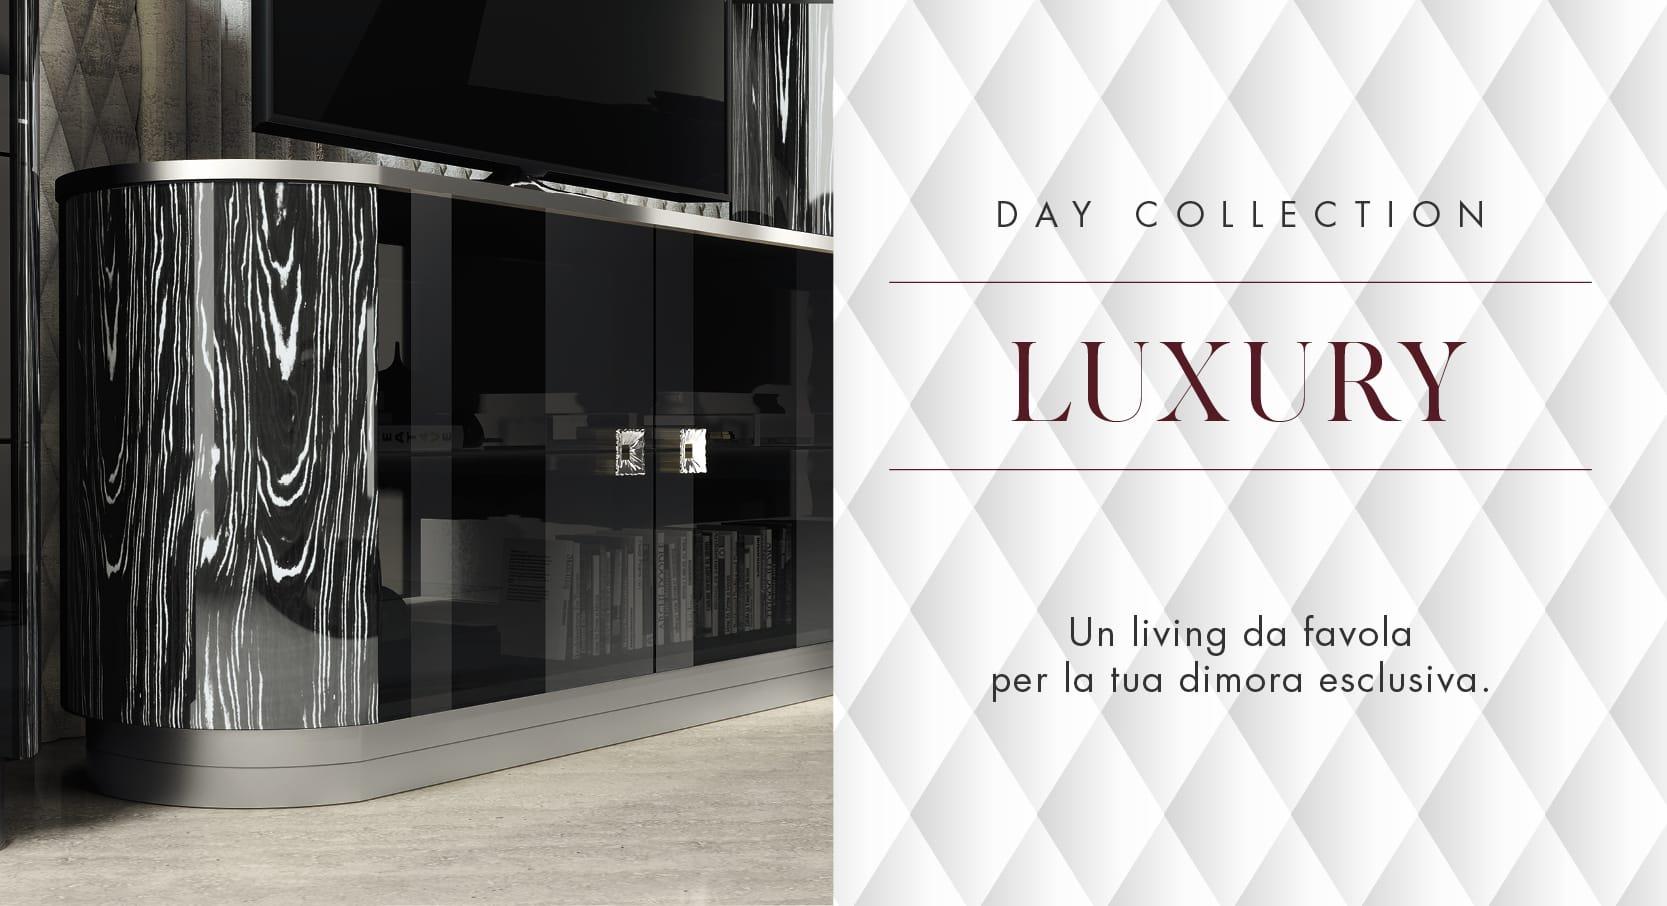 Découvrez la nouvelle collection luxury day